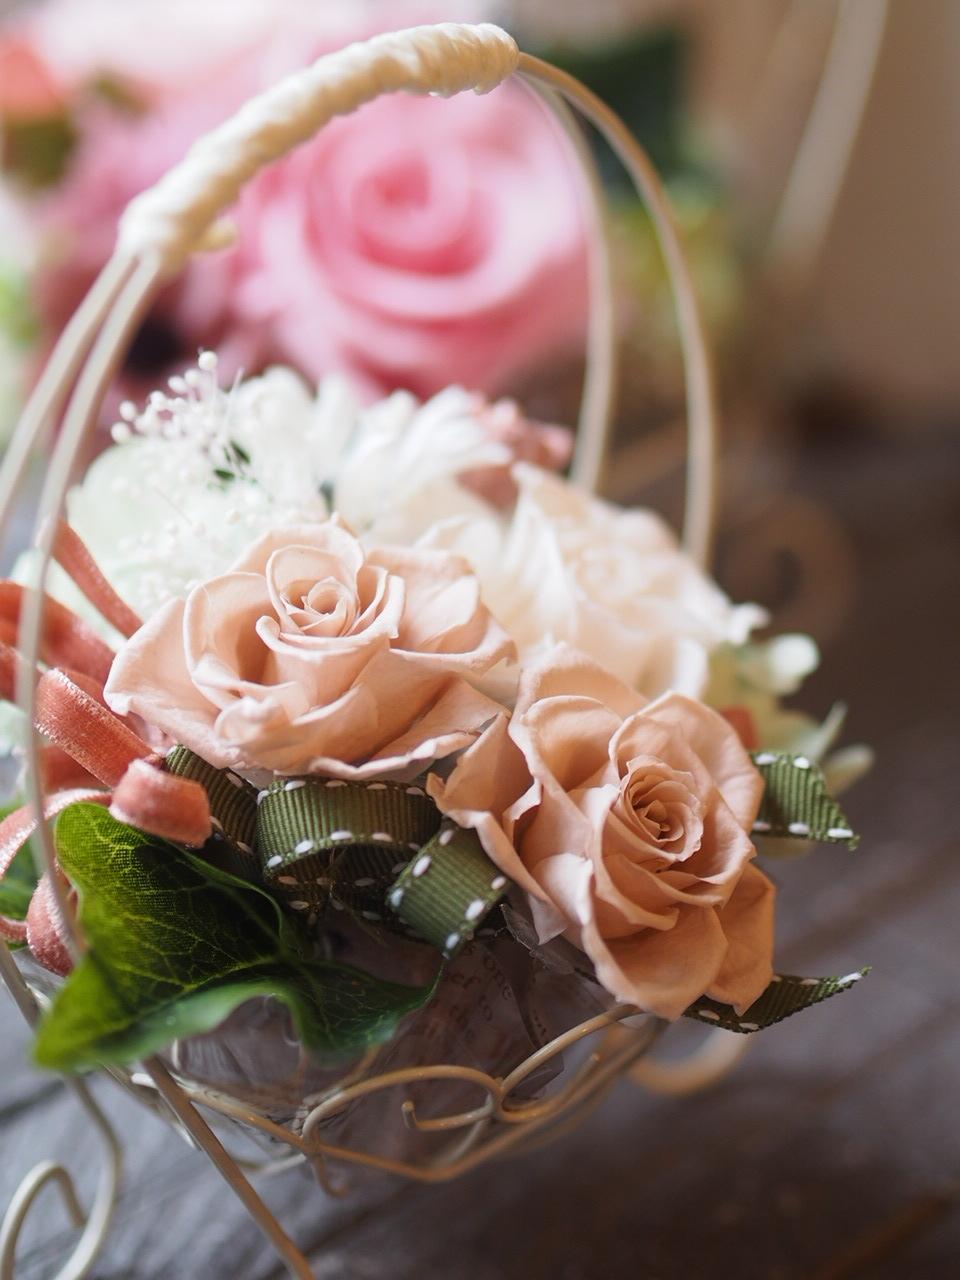 【Pink/Blue/Gift】_d0144095_13410262.jpg